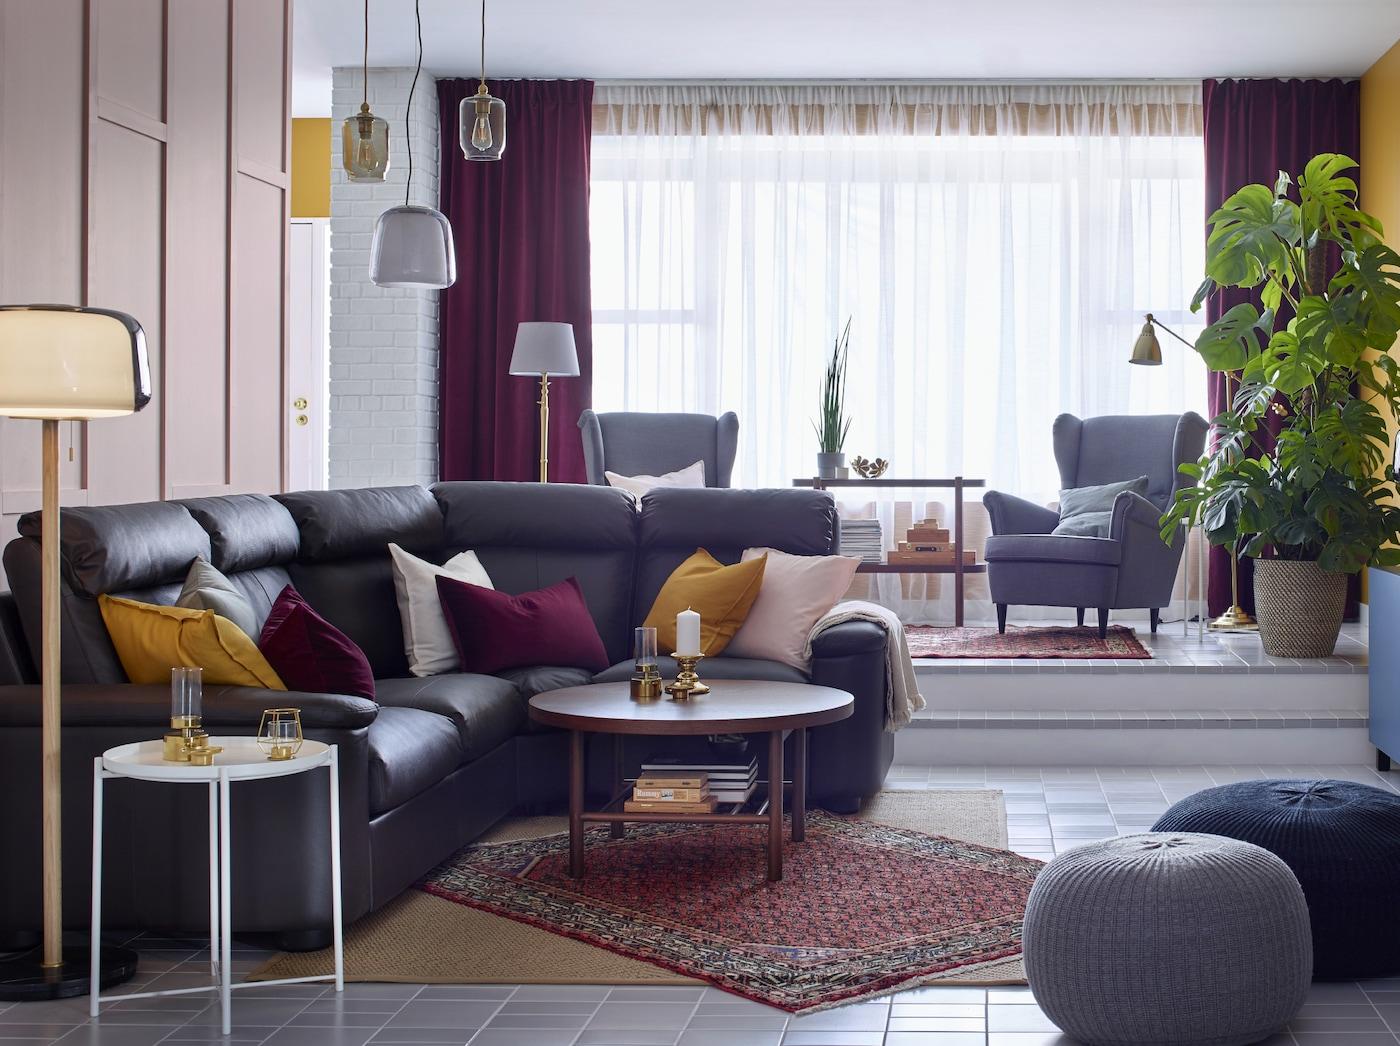 IKEA LIDHULT 4-persoons hoekbank in een woonkamer met PERS HAMADAN oosters kleed.